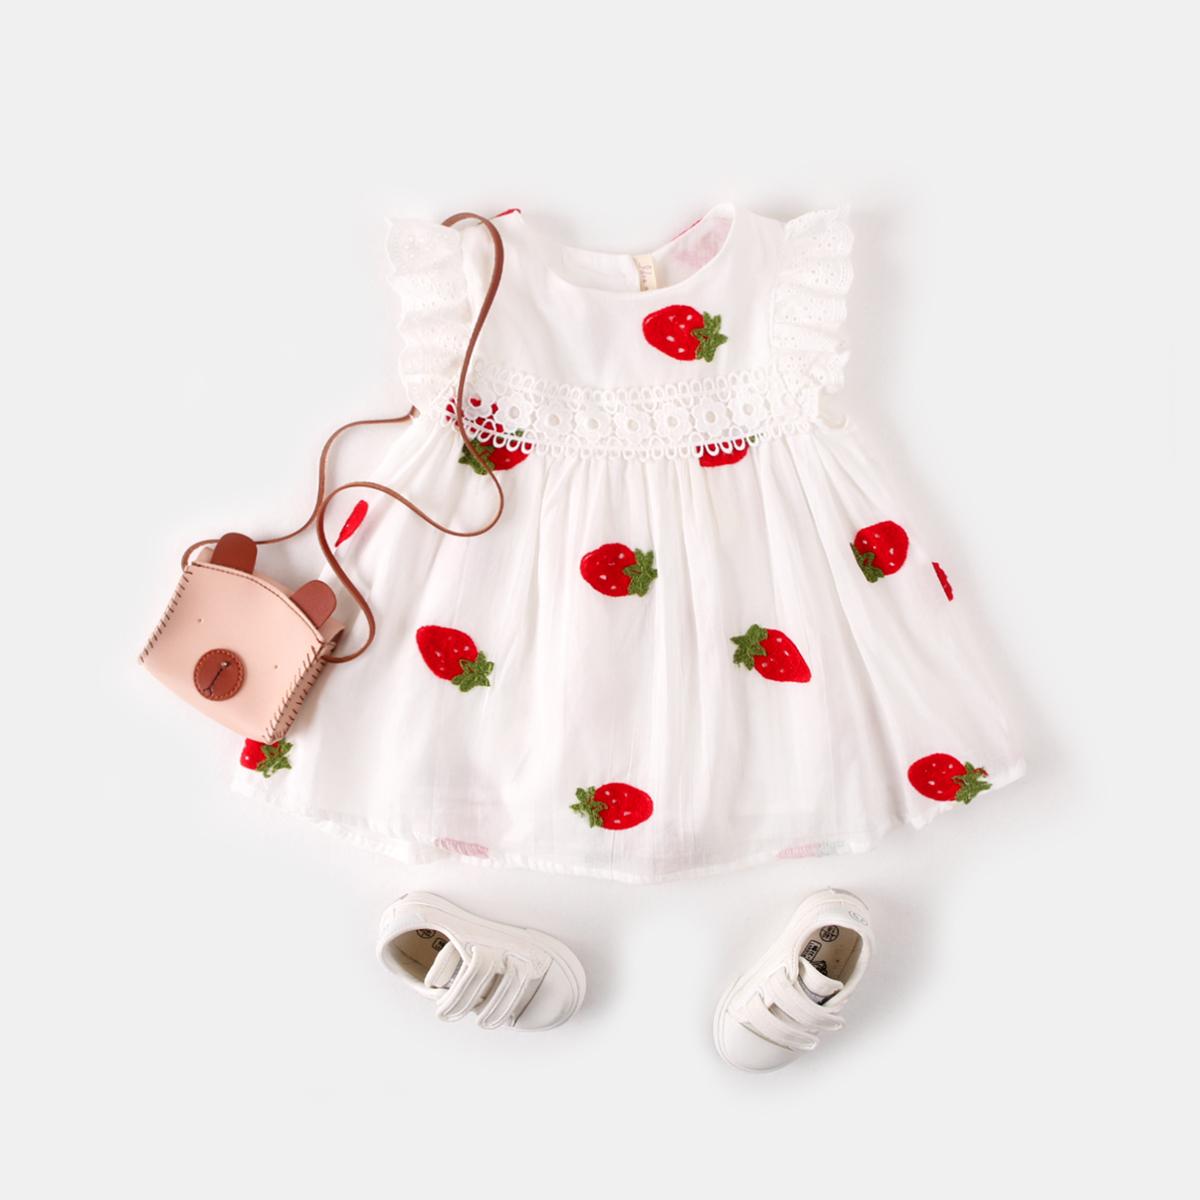 草莓短袖女童连衣裙宝宝夏装纯棉背心裙2019新款儿童童装婴儿裙子热销6件限时秒杀